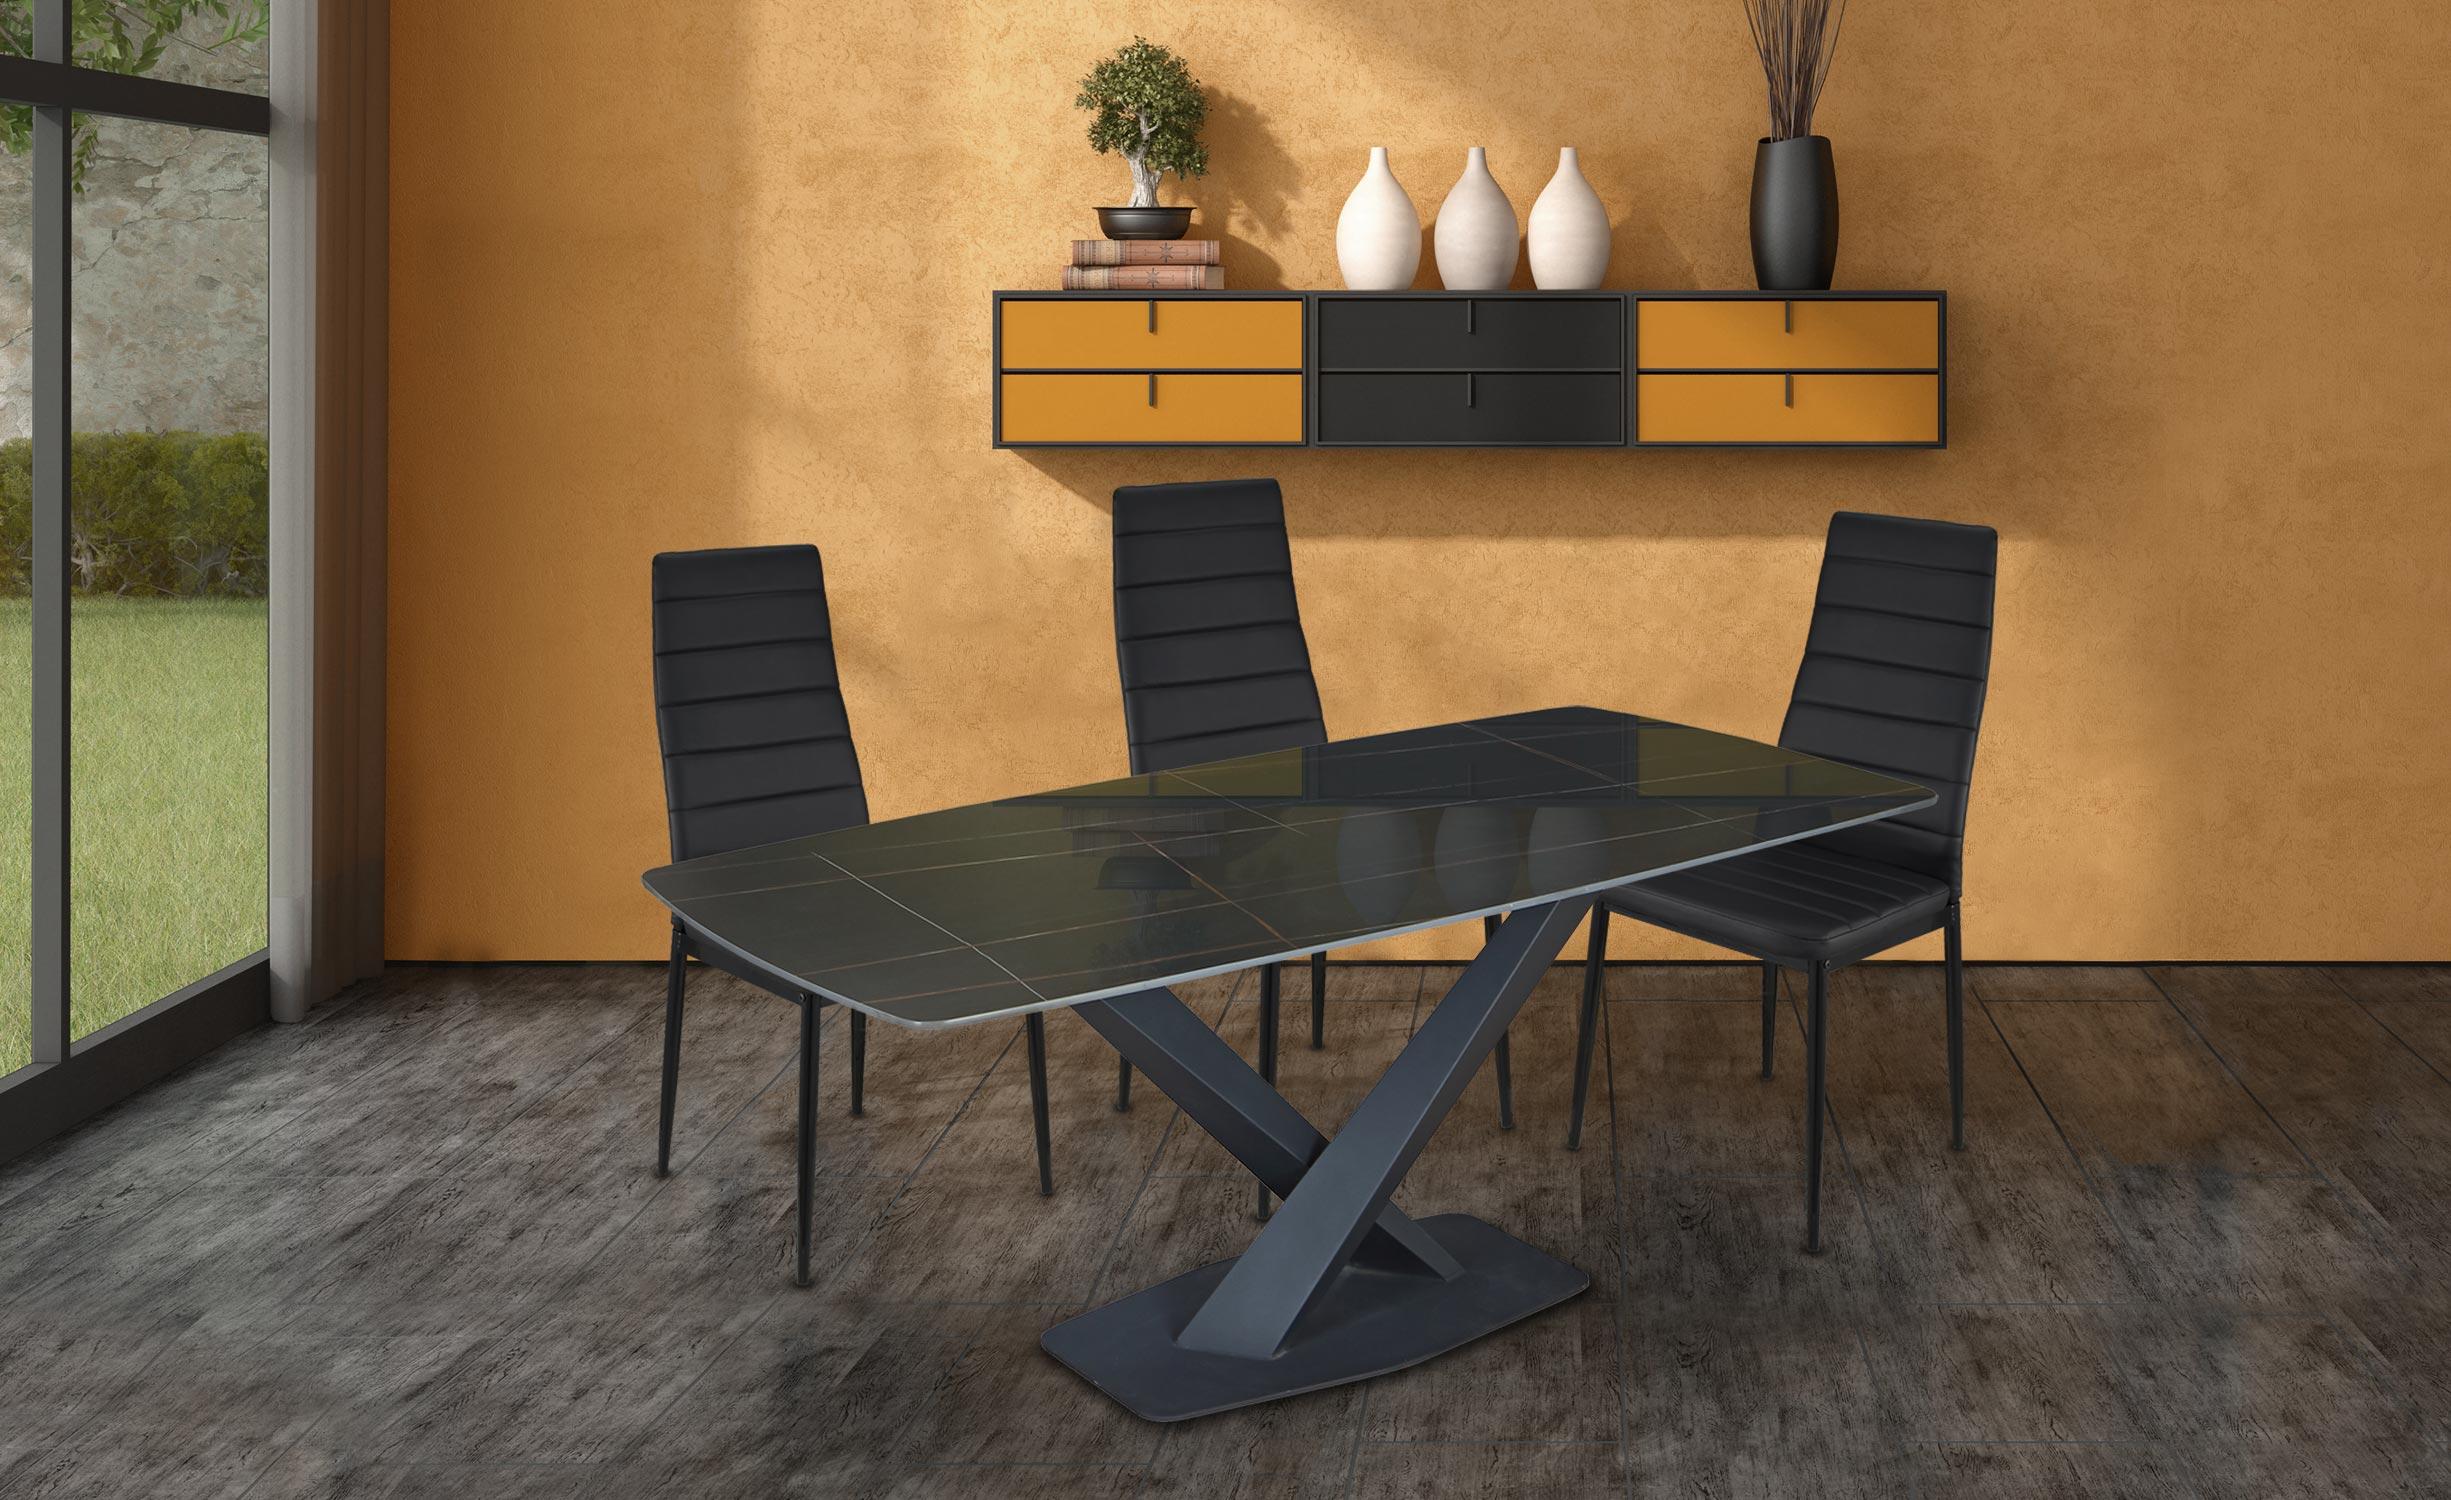 Axena tafel in zwart glas